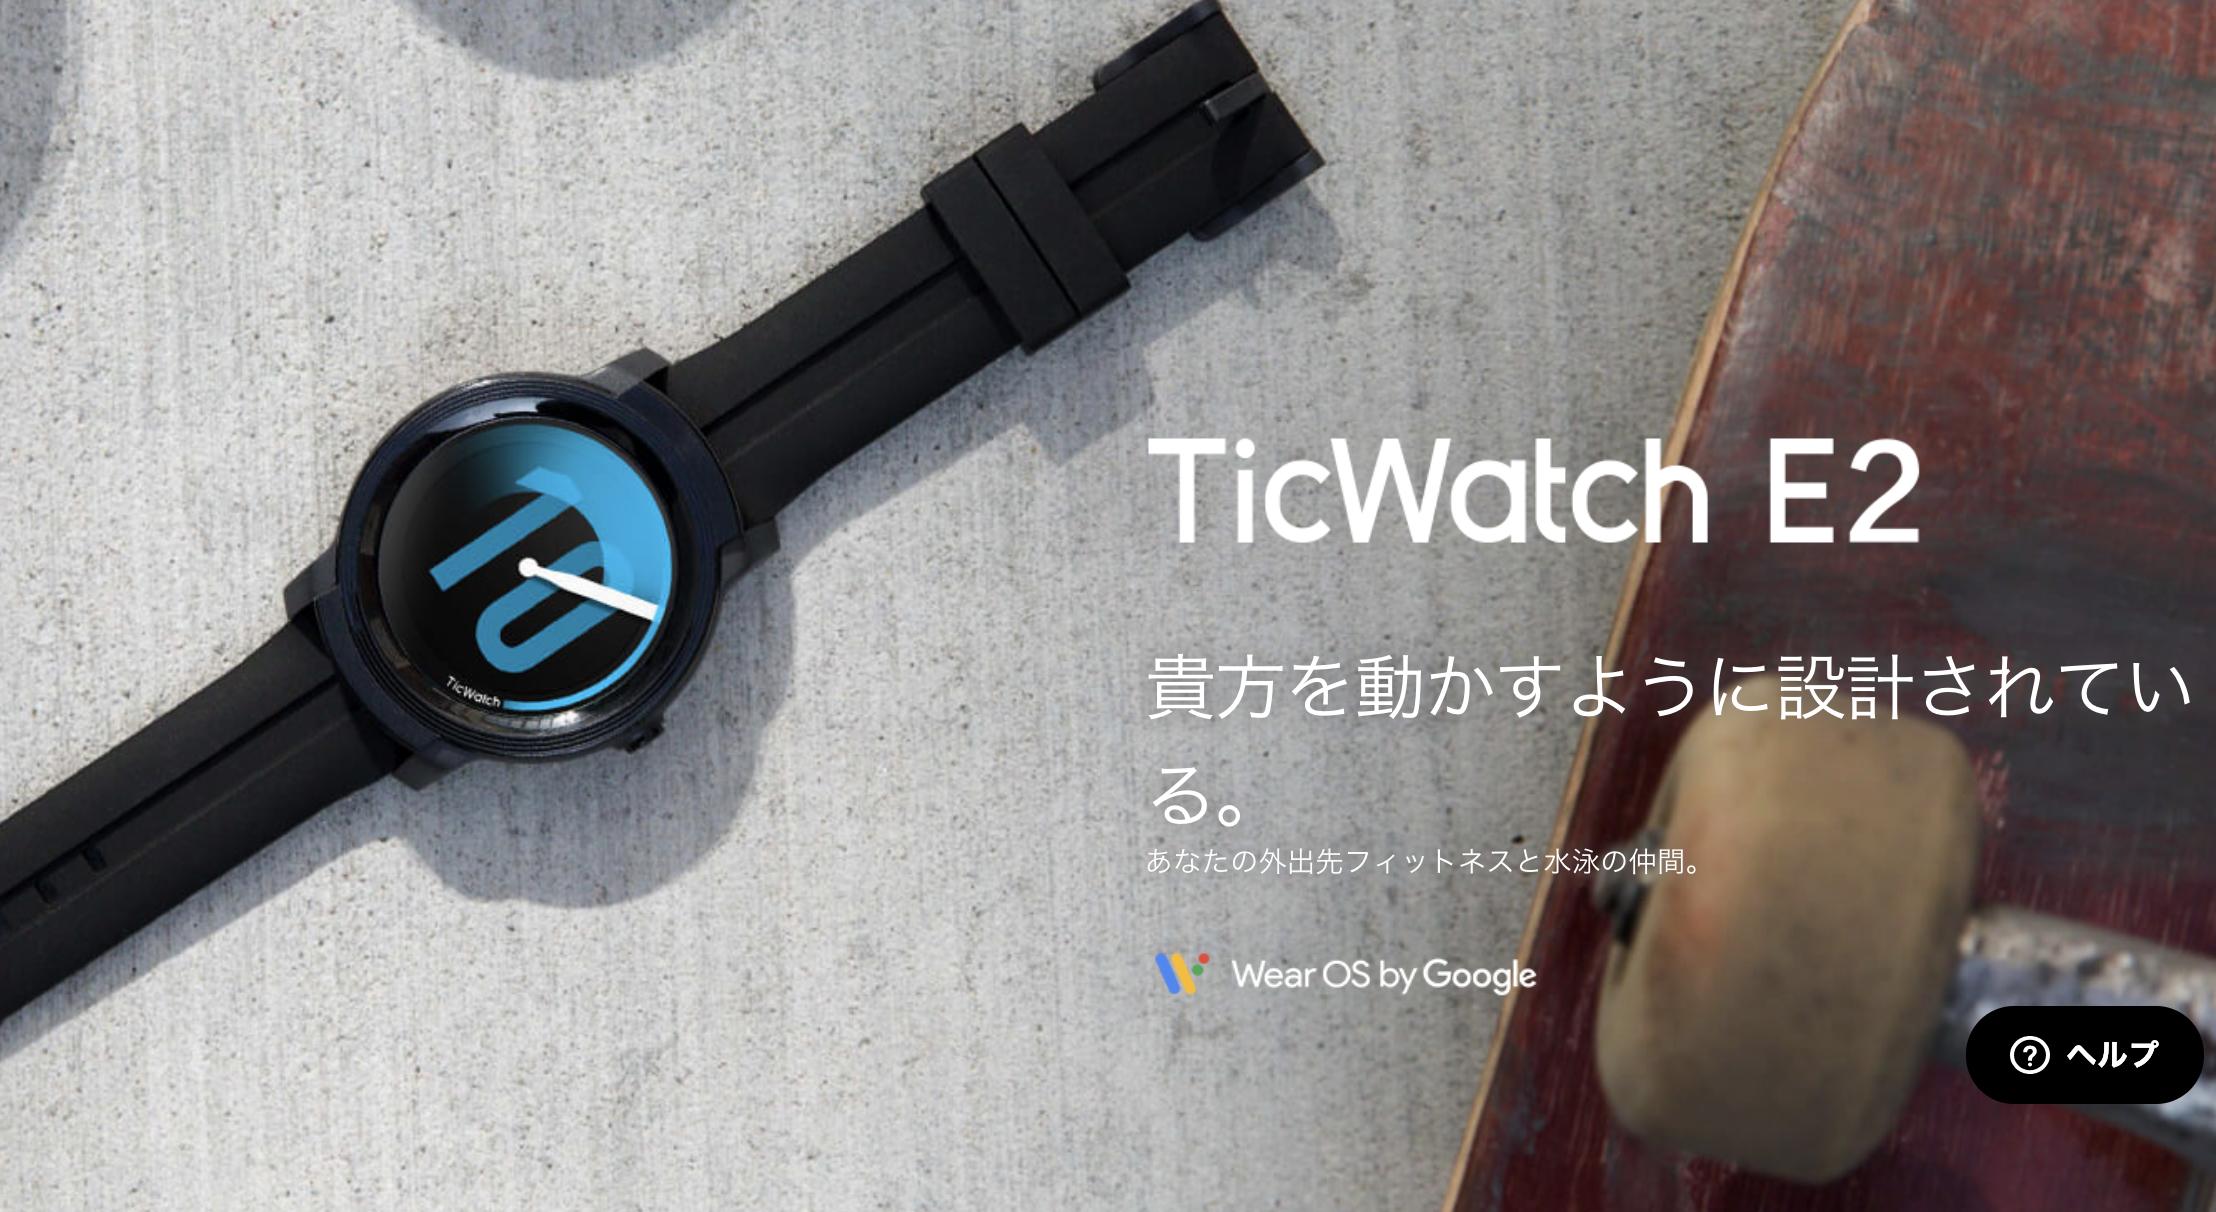 TicWacth E2